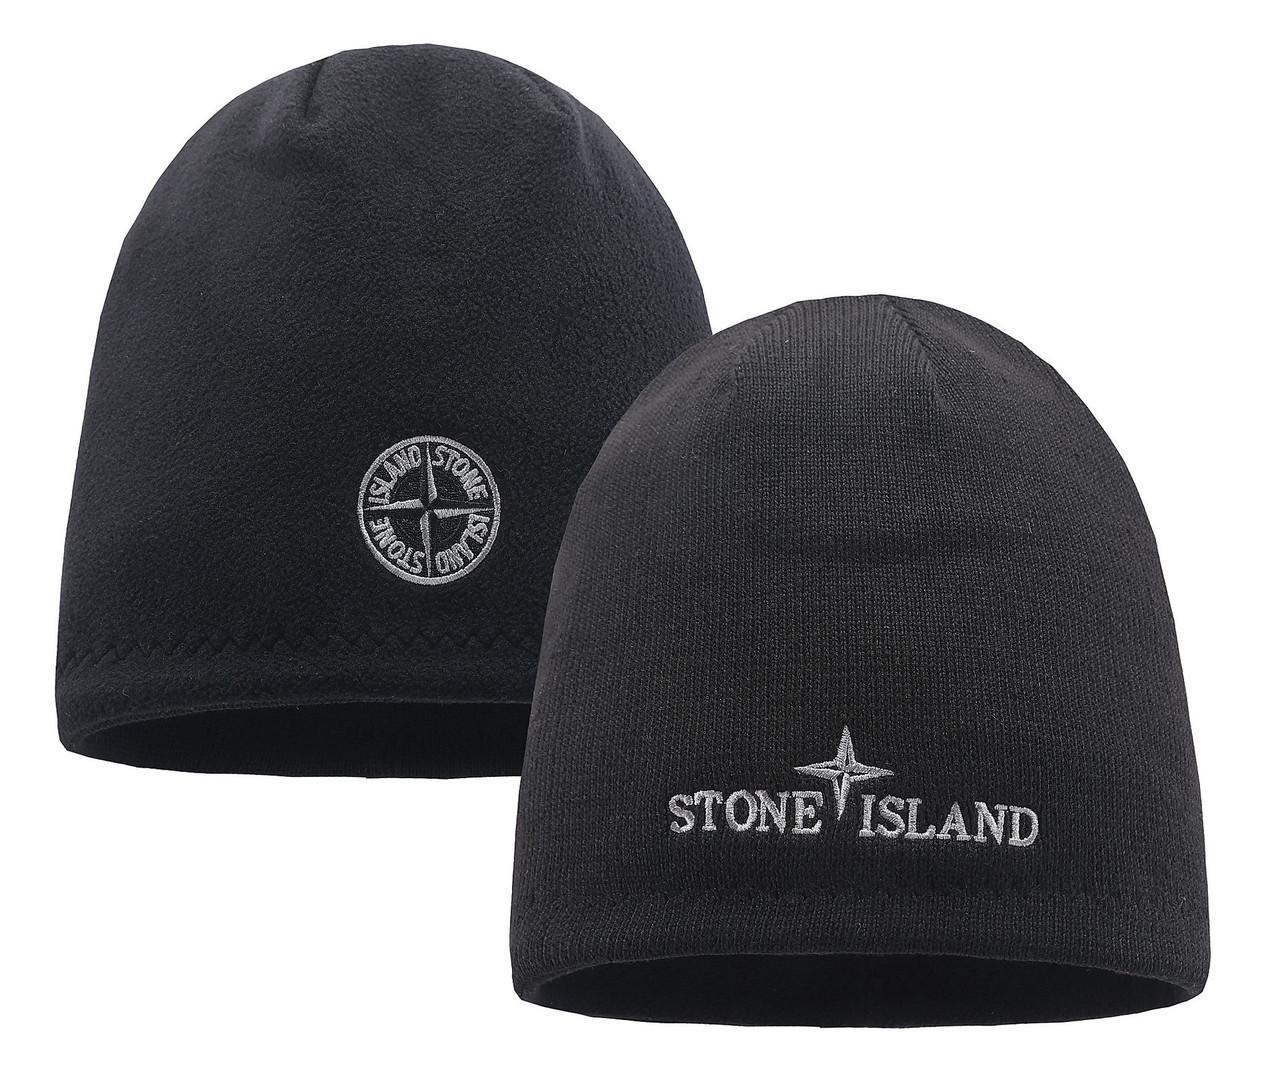 Шапка двухсторонняя Stone Island для взрослых и подростков шапки стоне исланд